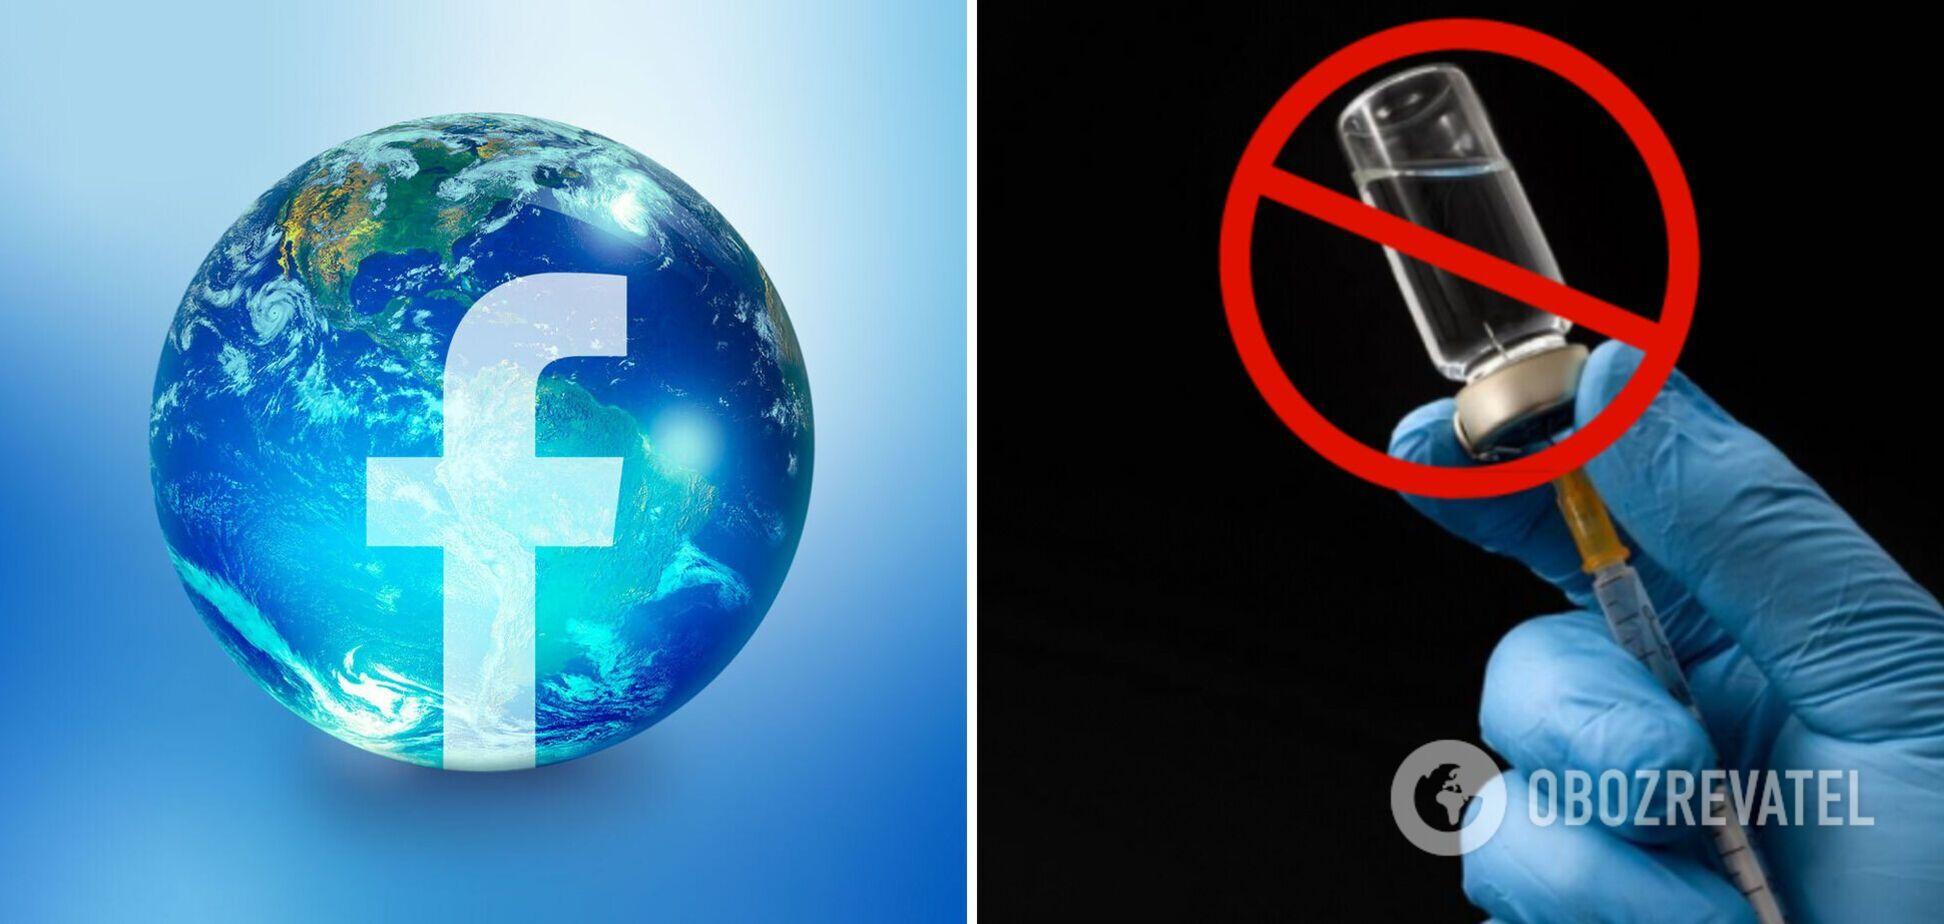 Всього було видалено 65 акаунтів у Facebook і 243 акаунти в Instagram